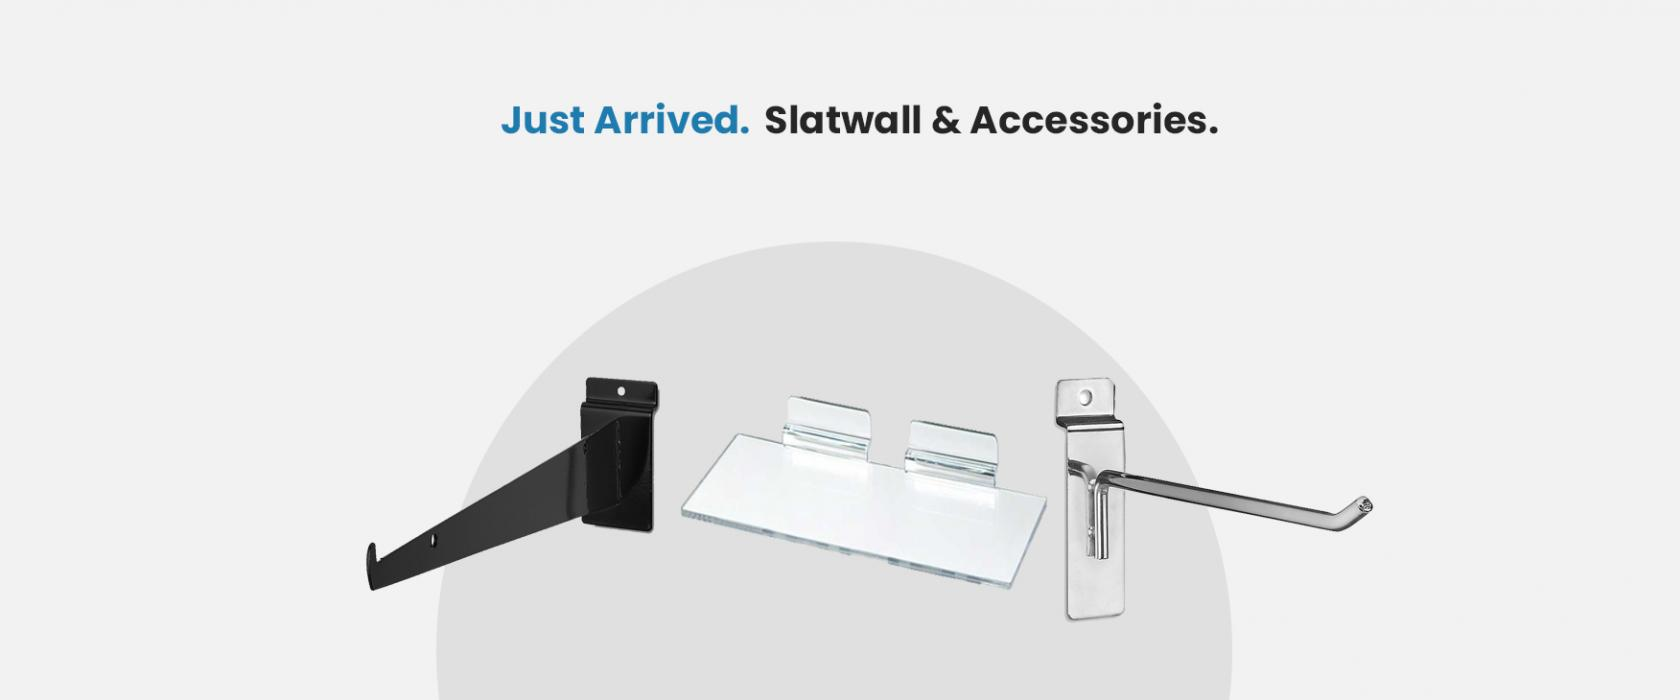 Just Arrived Slatwall